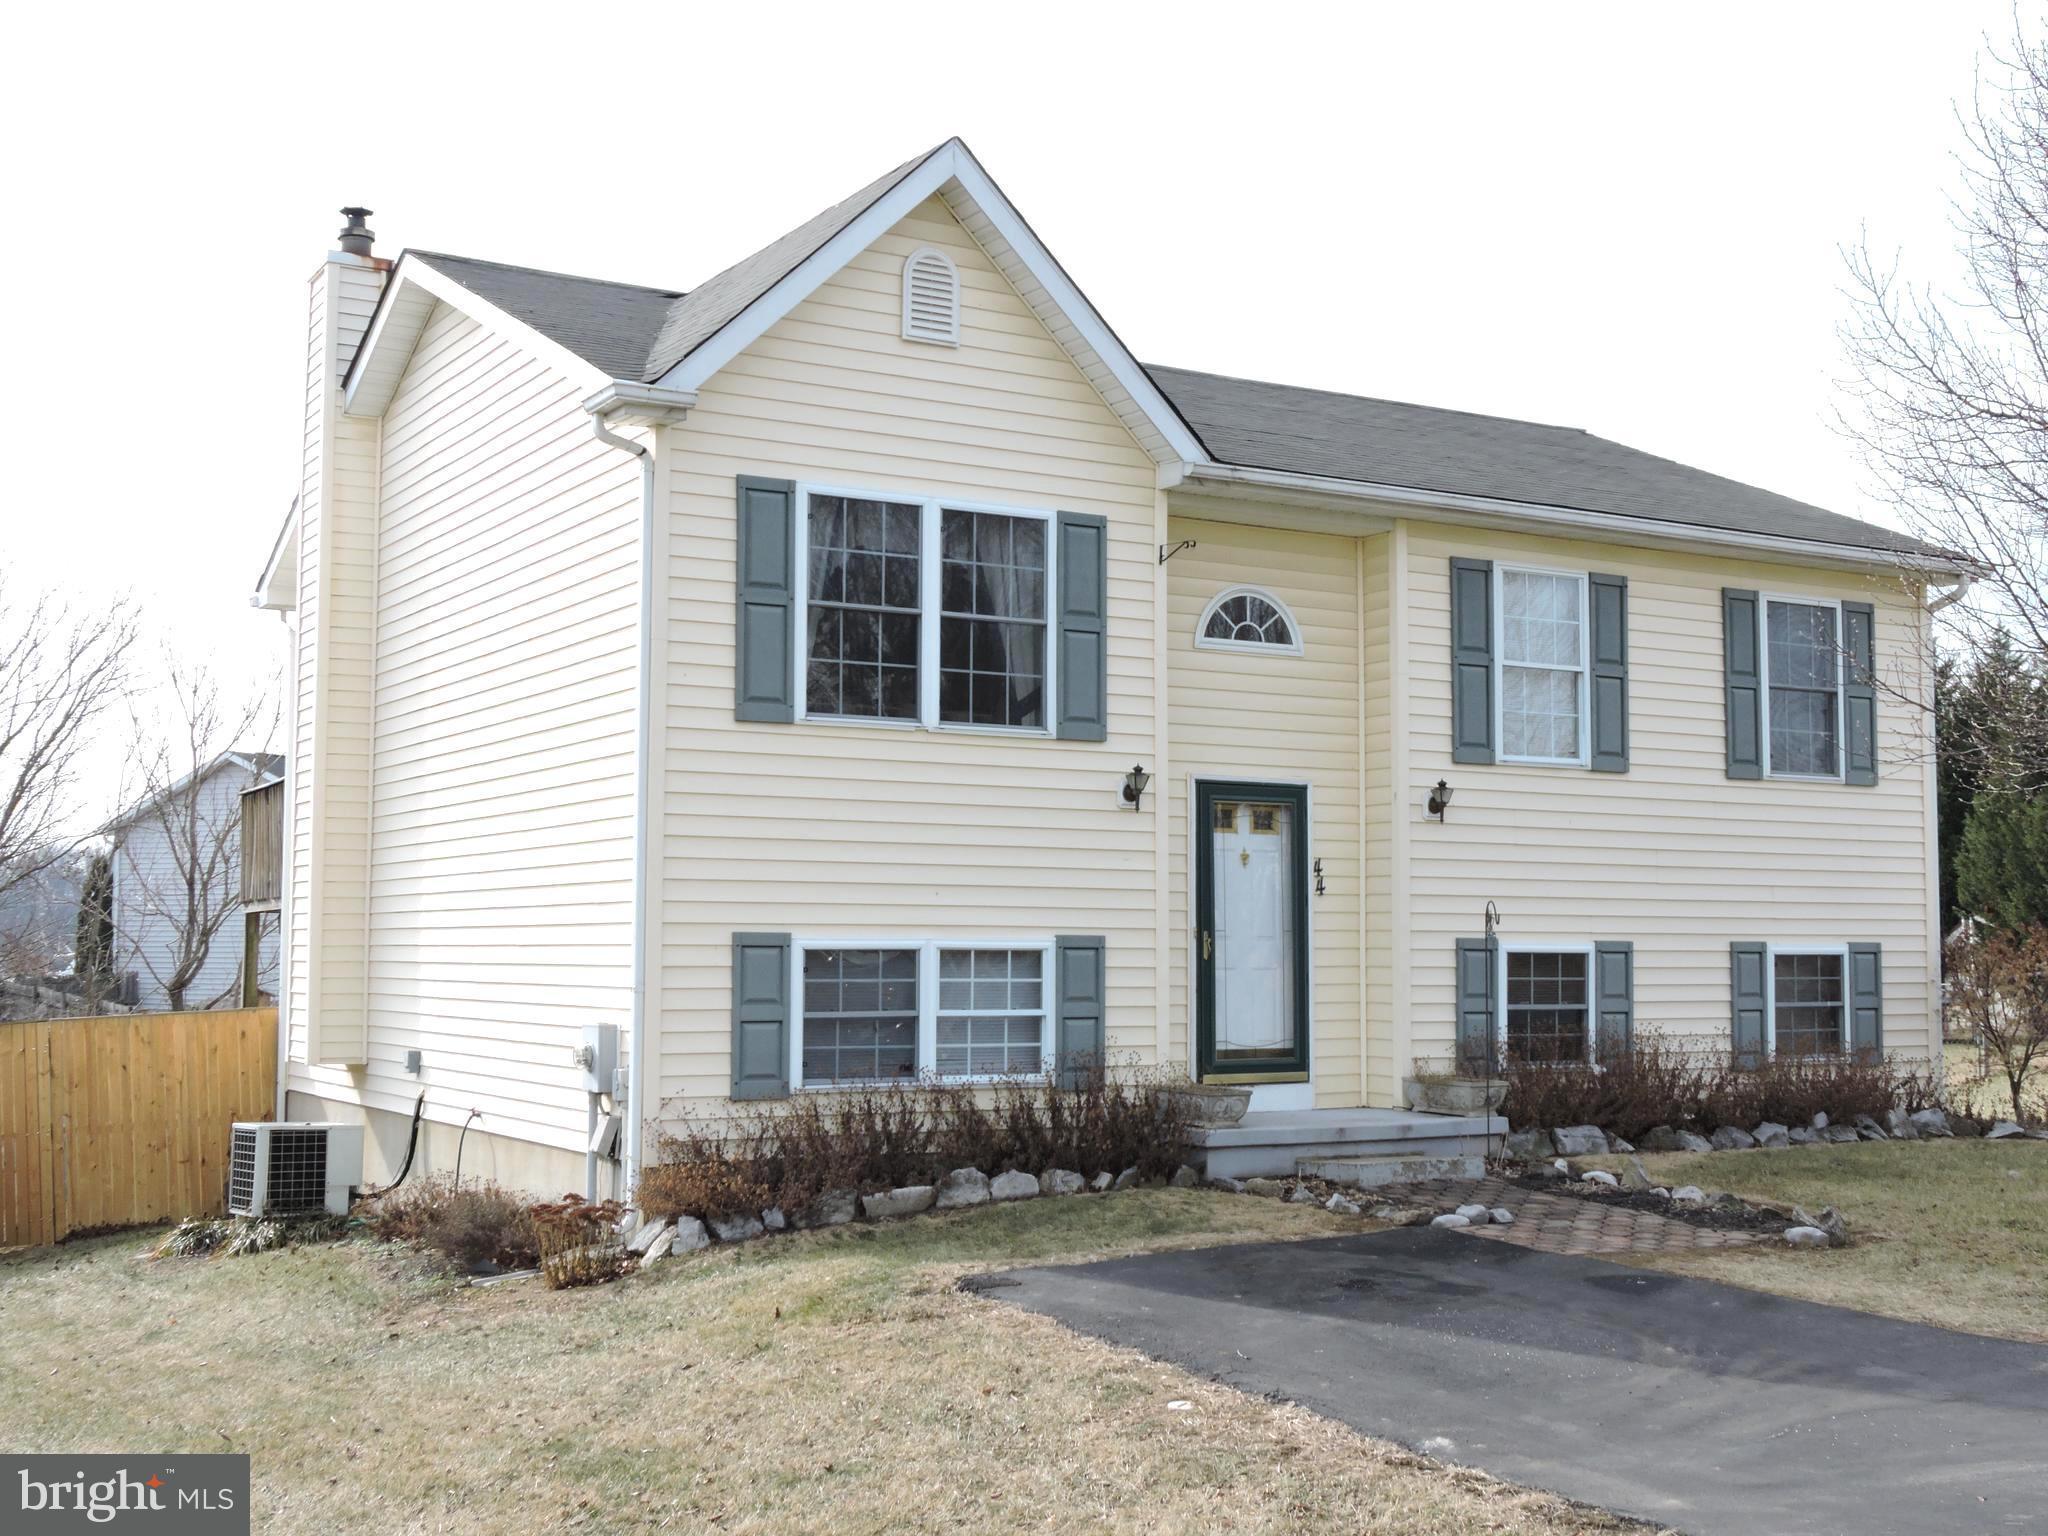 44 MOONLIGHT LN, Martinsburg, WV 25404 $164,900 www.mattridgeway.com ...